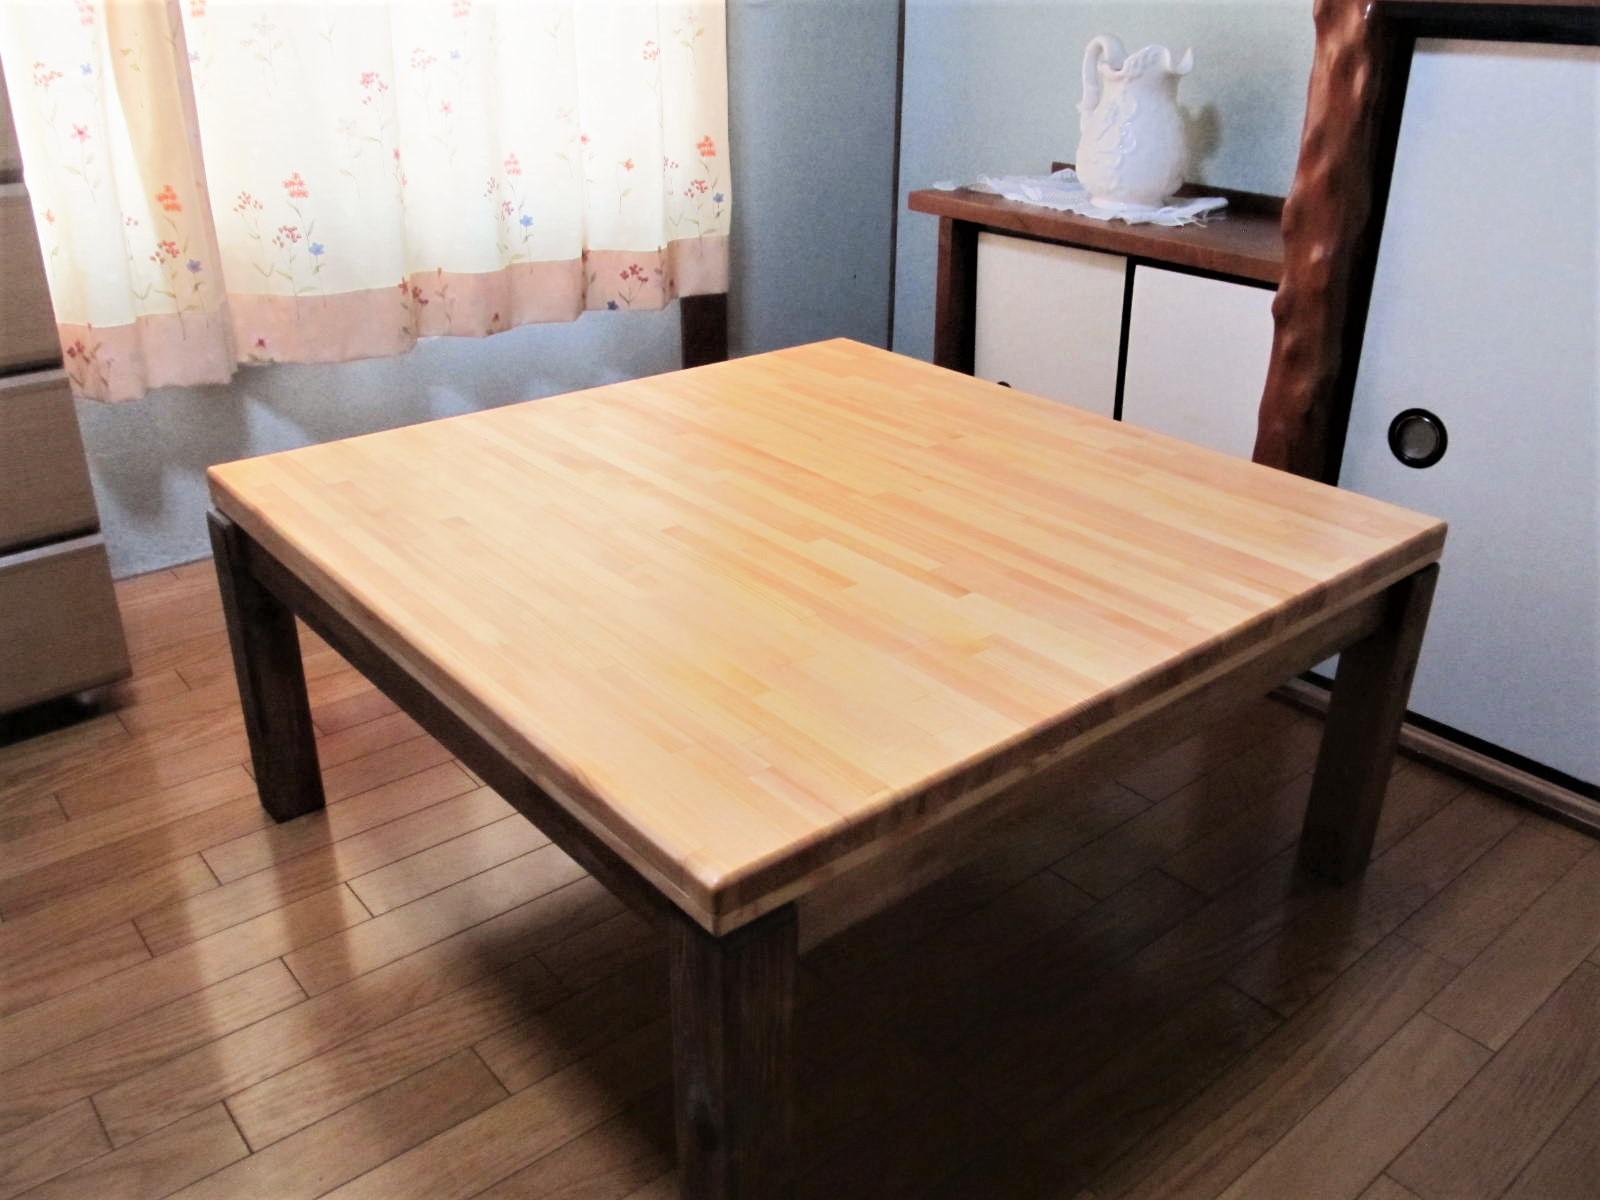 手作り木製 ローテーブル「こたつにも使ってね」 テーブル こたつ ホットカーペット 一人暮らし(家財便で配送になりますので、代金引換はできません。ご了承下さい)